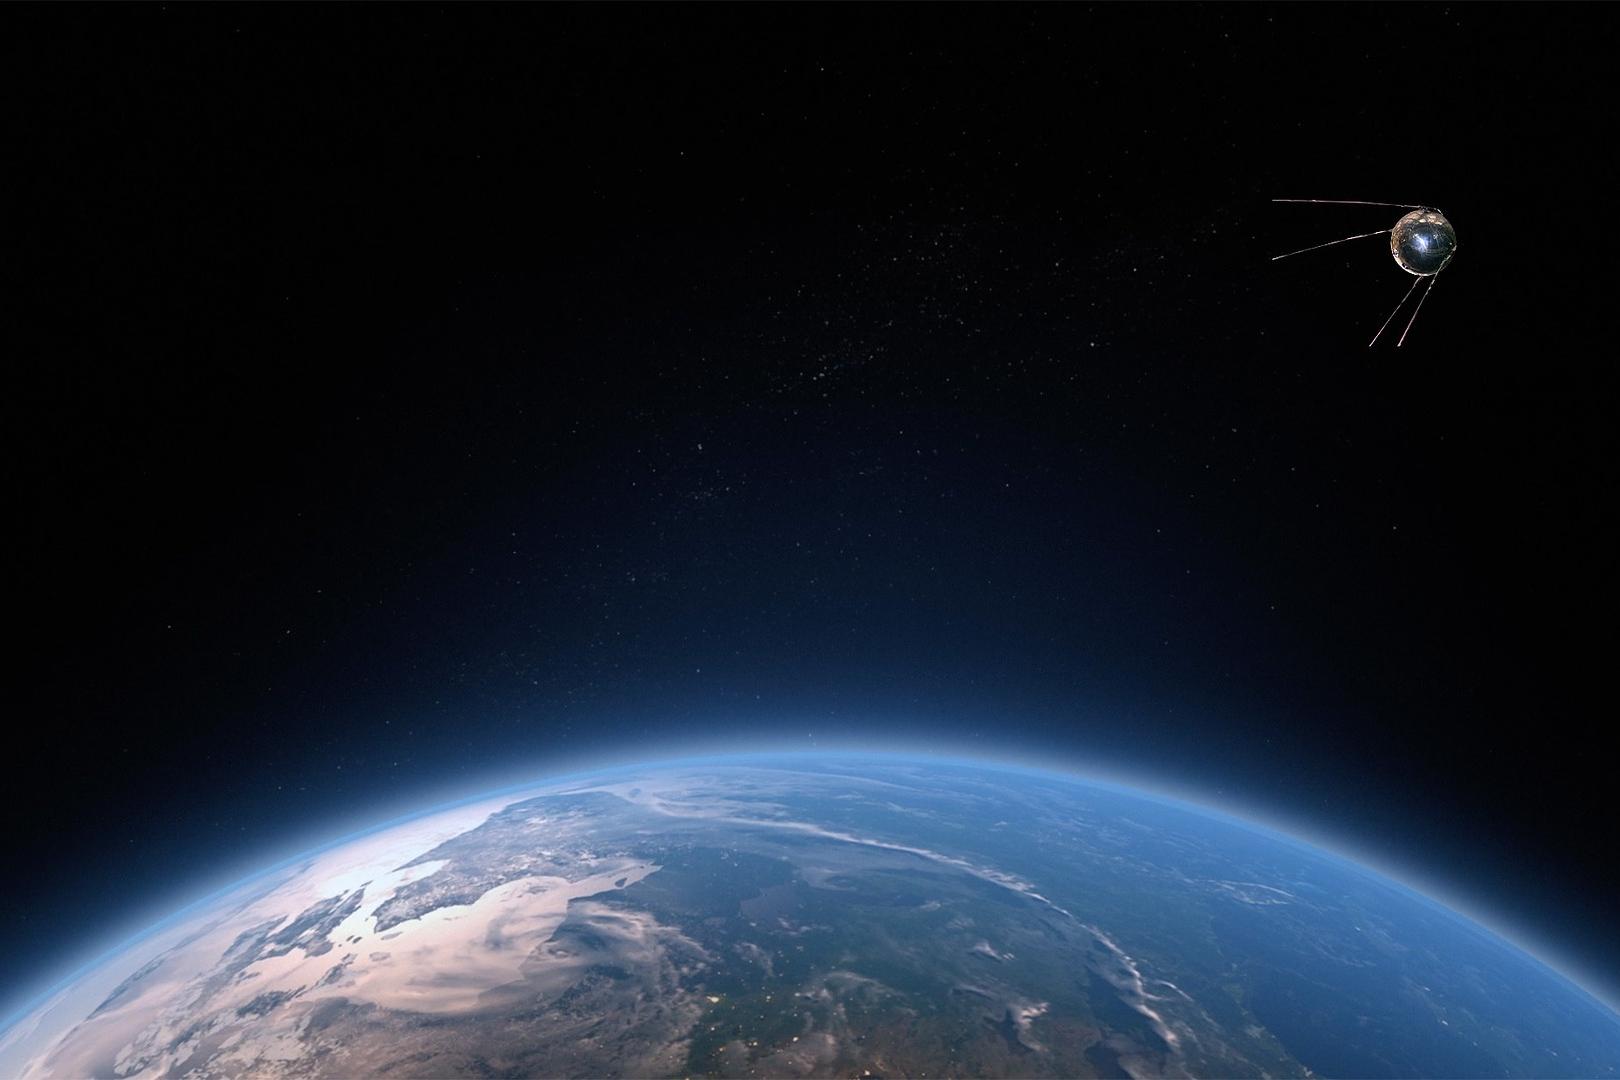 Imagem de Primeira 'nação espacial' humana é oficialmente colocada em órbita no tecmundo